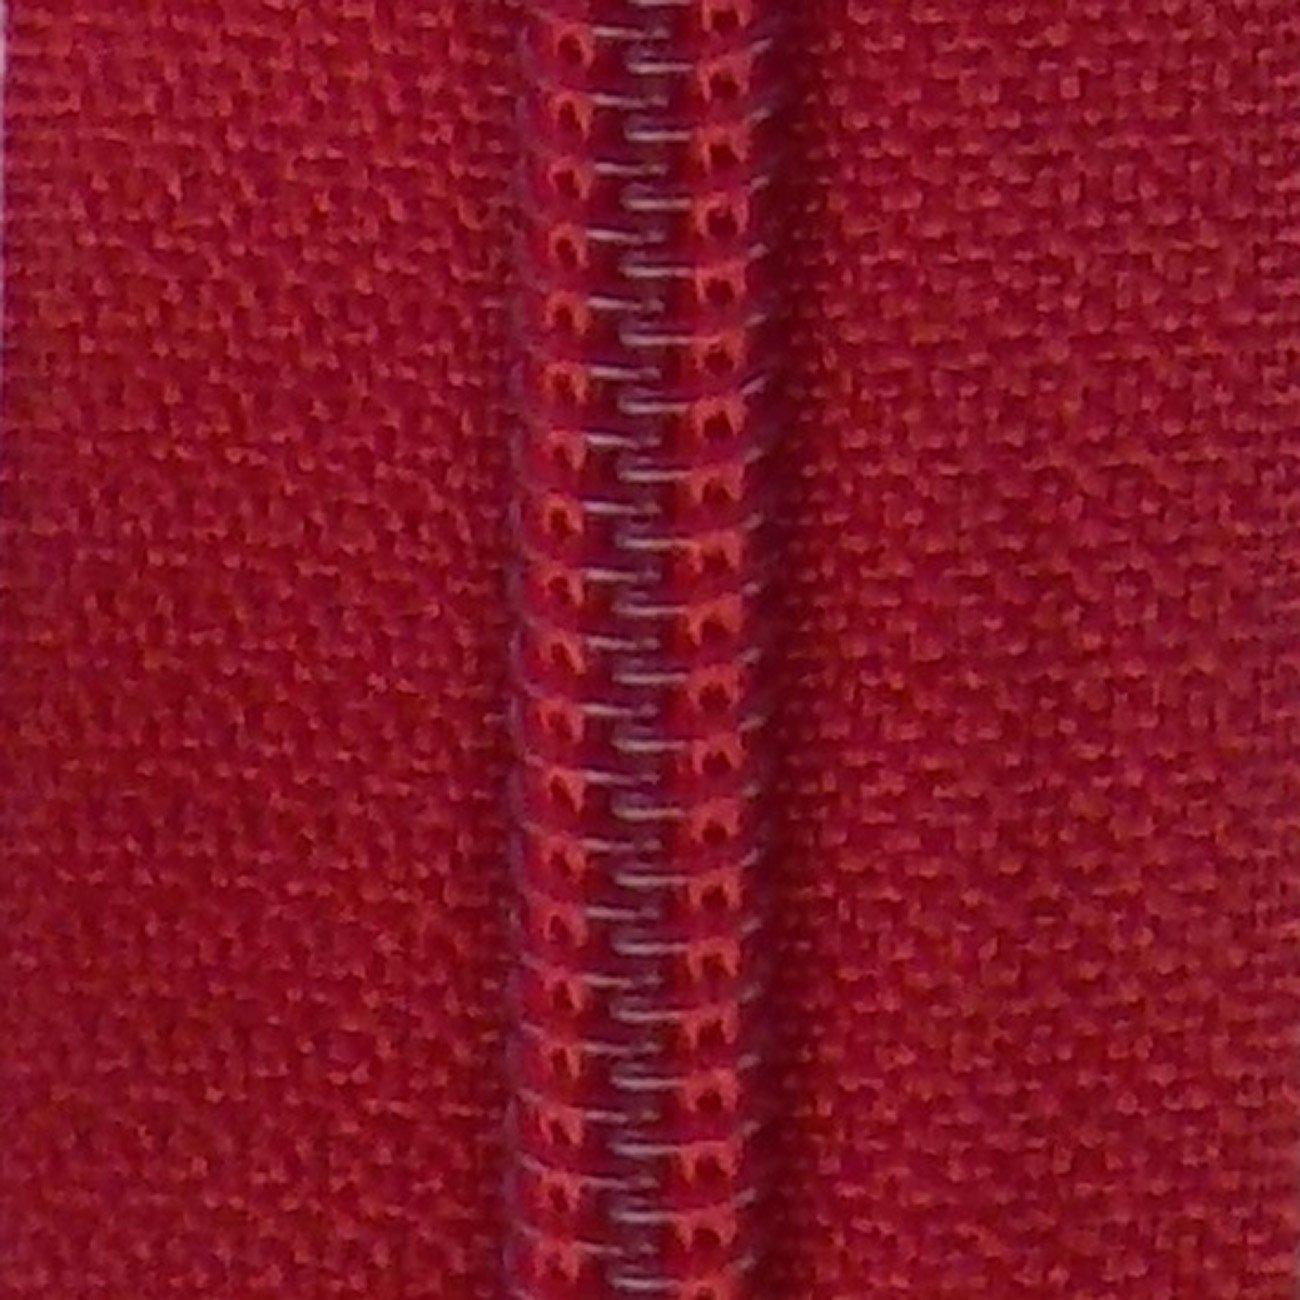 14 Nylon Coil Zipper True Red